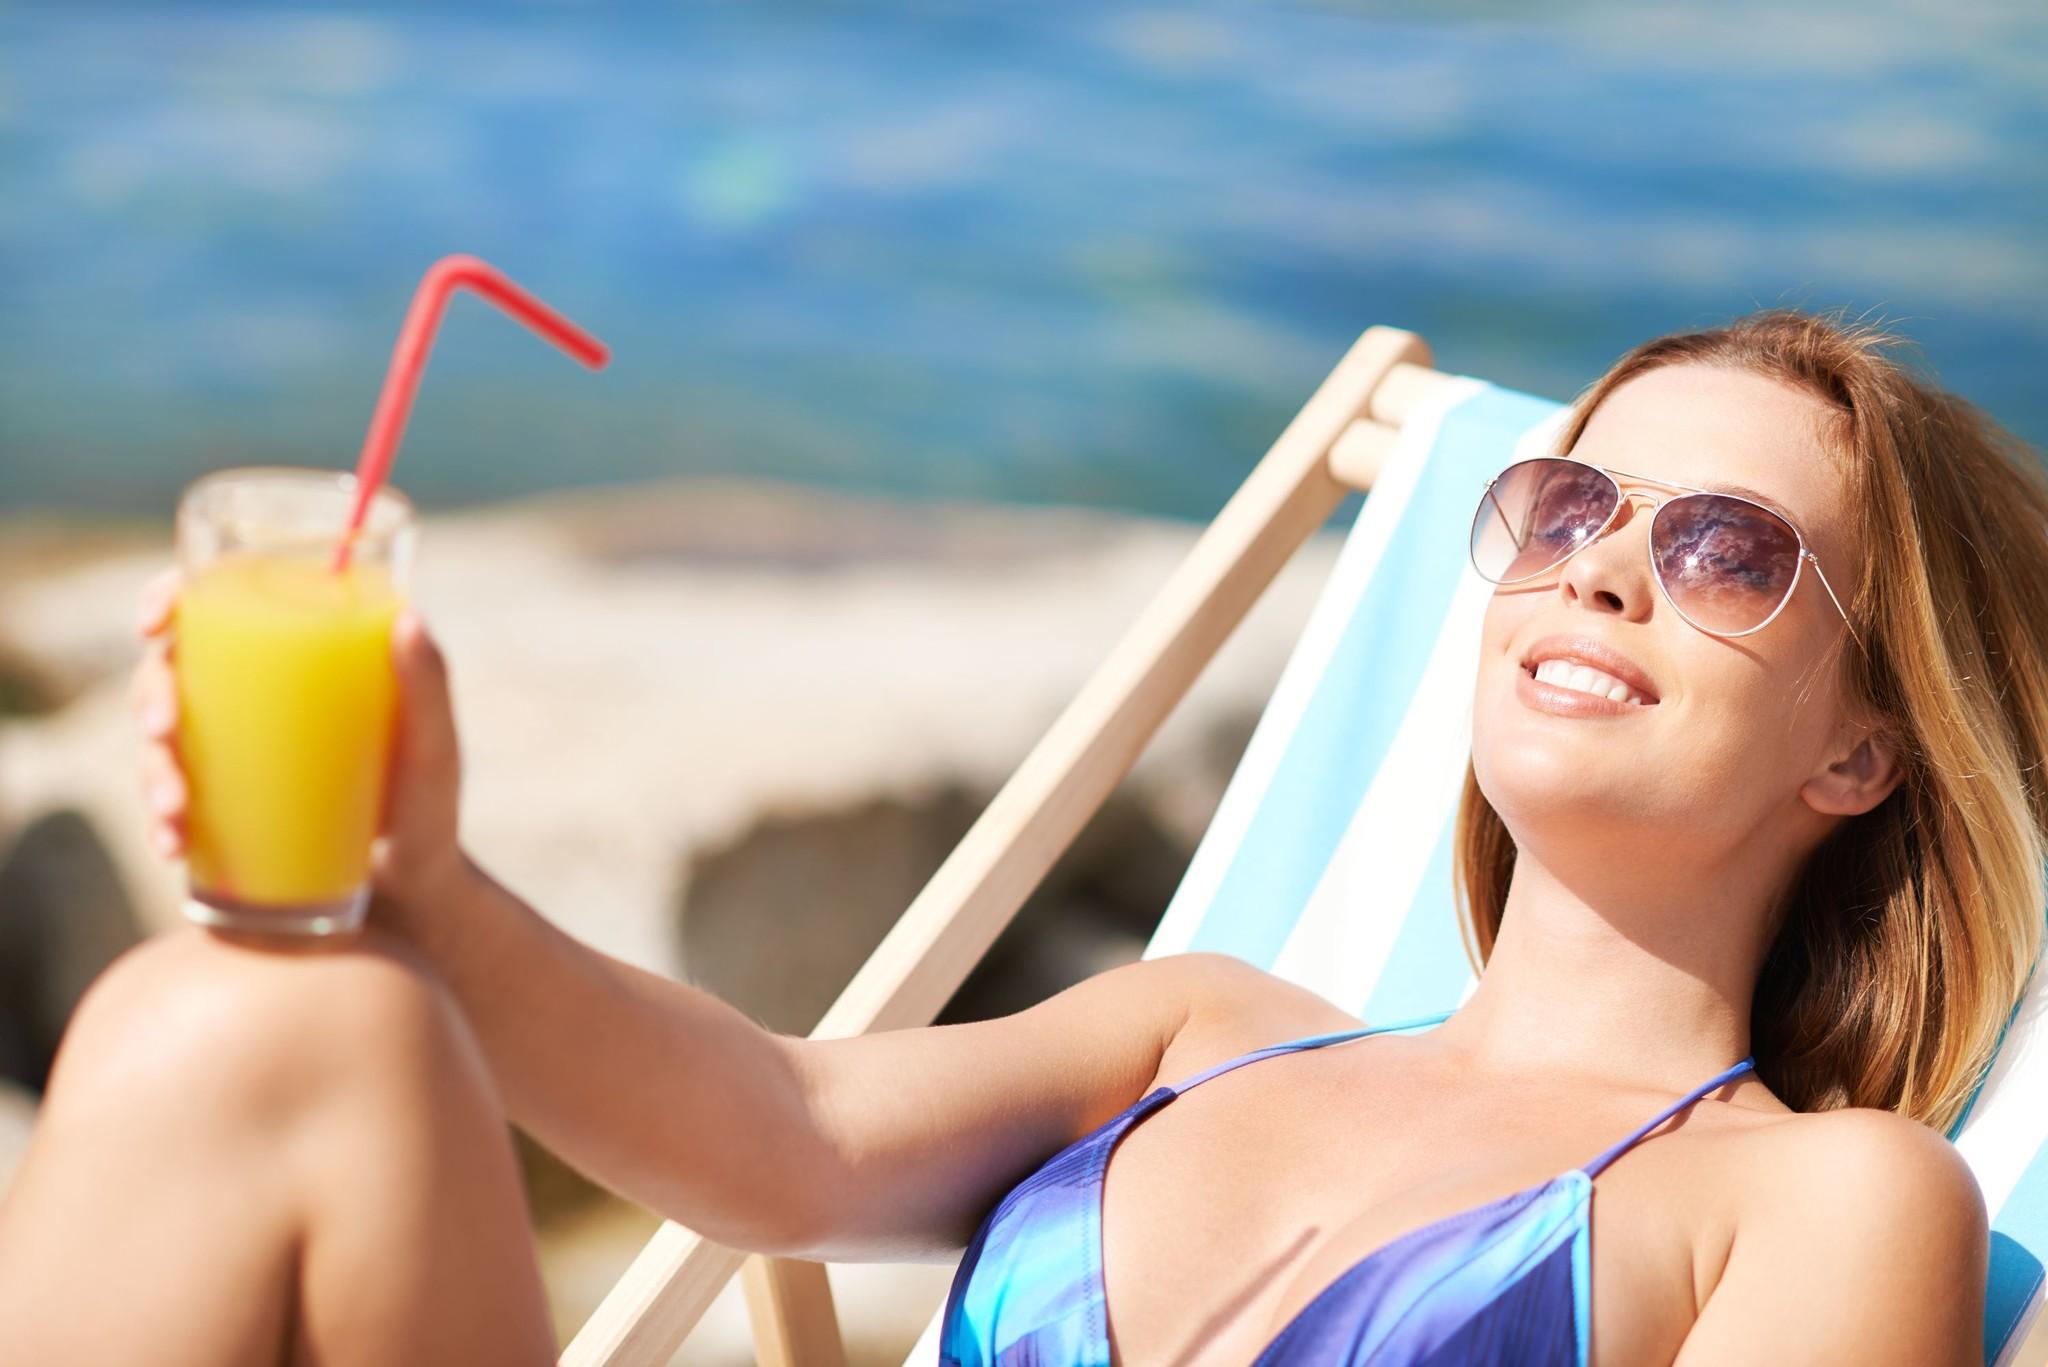 Goedkope zonnebrillen koop je online bij ZonnebrillenSale.nl